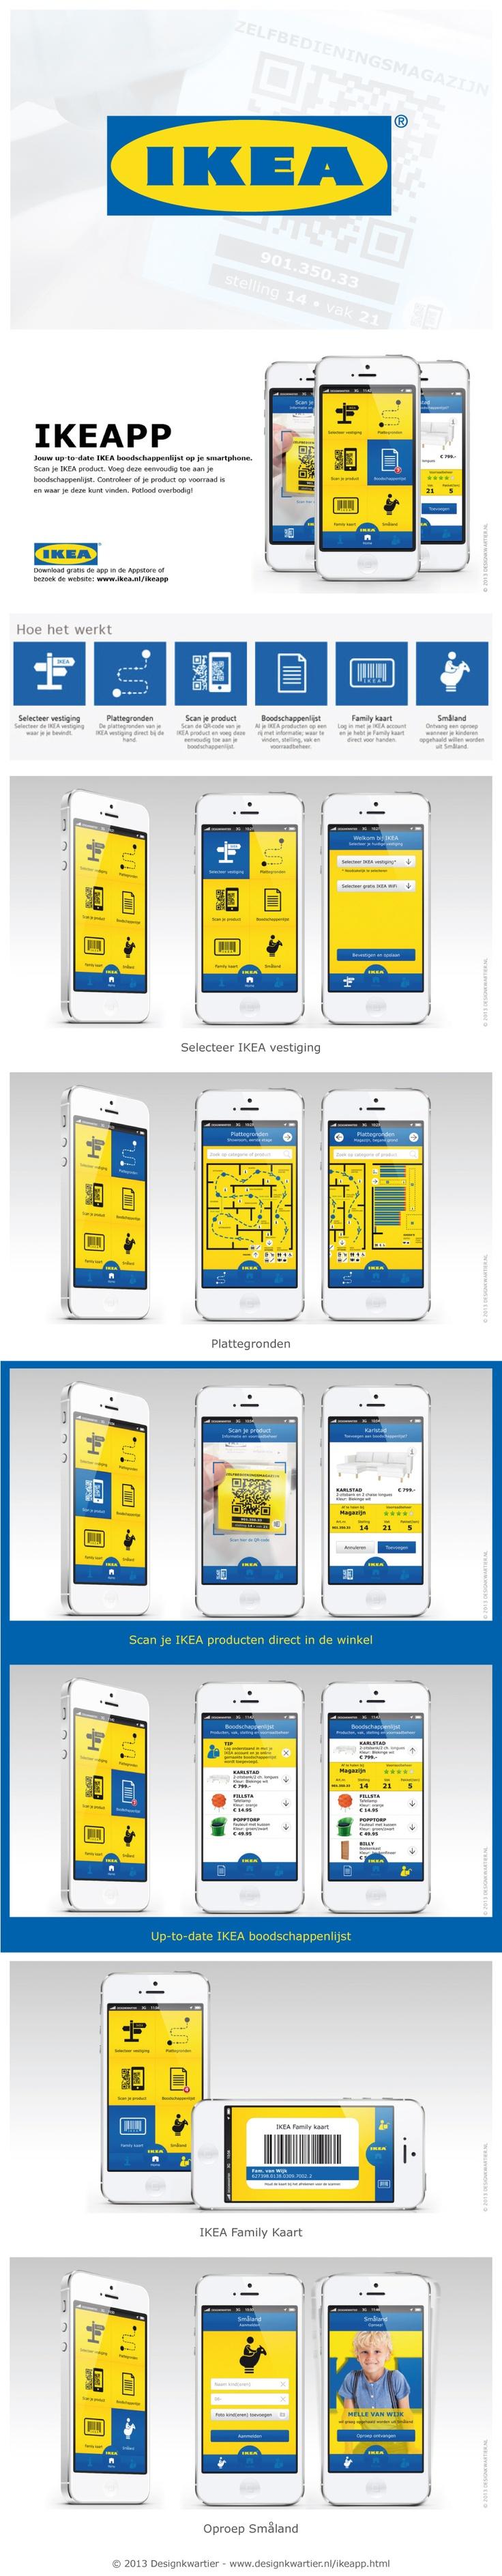 IKEAPP - Redesign IKEA Shopping List App - User interface / experience - ©2013 Designkwartier - #UI #UX /// IKEA Boodschappenlijst App. WiFi-functie, scan je IKEA product in de winkel en zet deze direct op je boodschappenlijst, Family kaart en oproep Småland. Zie voor meer informatie: http://www.designkwartier.nl/ikeapp.html